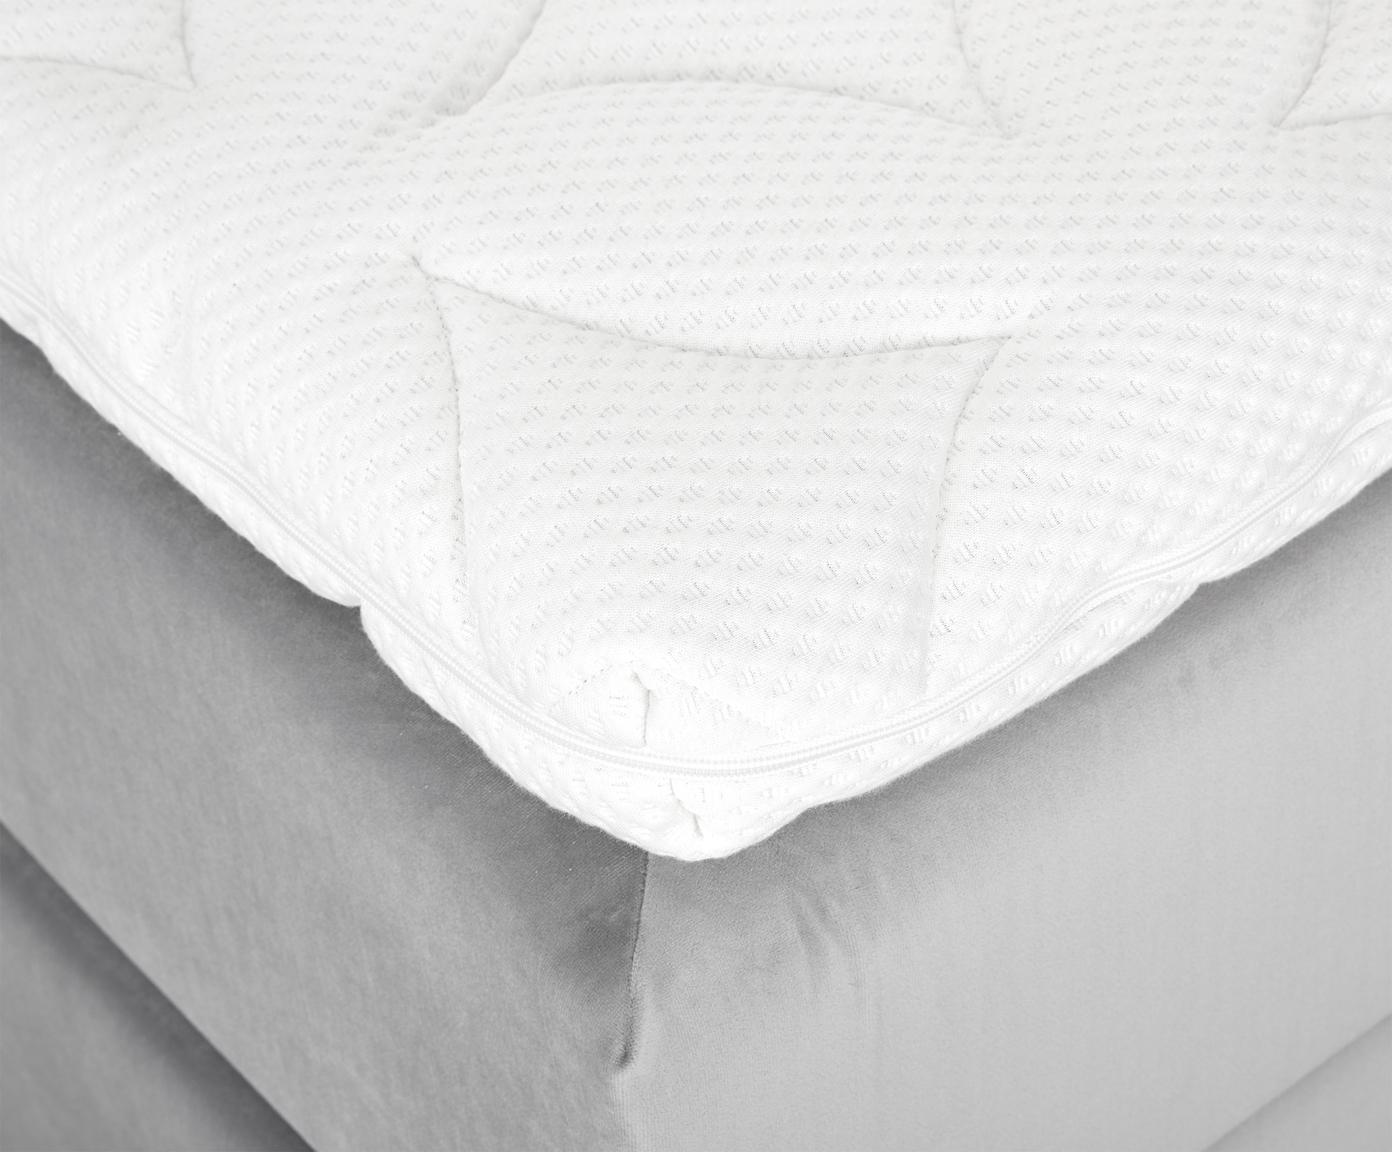 Łóżko kontynentalne z aksamitu premium Phoebe, Nogi: lite drewno bukowe, lakie, Jasny szary, 200 x 200 cm